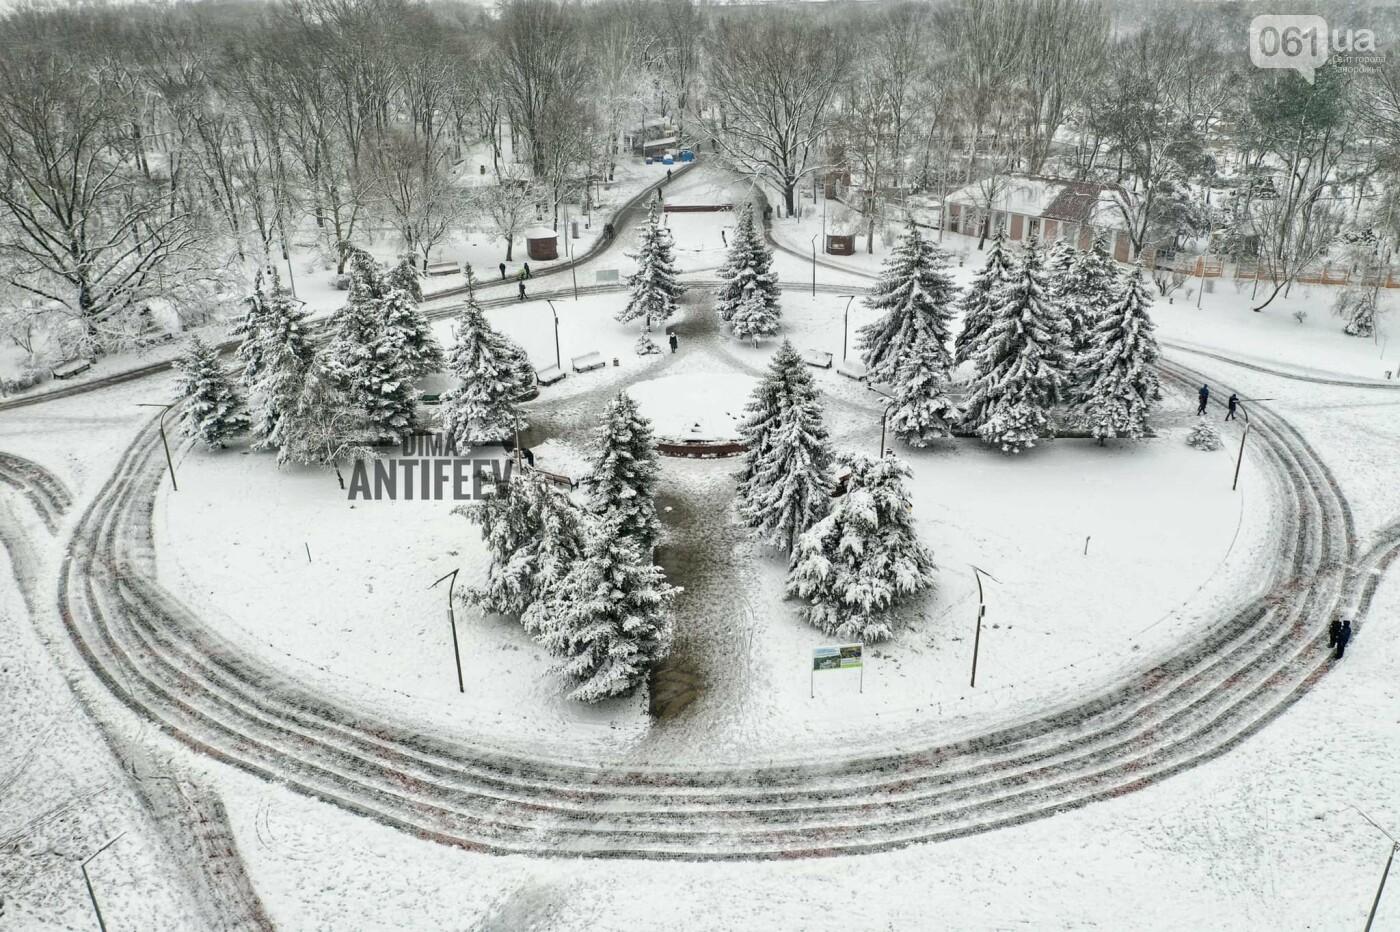 Ночная метель и заснеженный парк с высоты: жители Запорожской области делятся зимними фото , фото-4